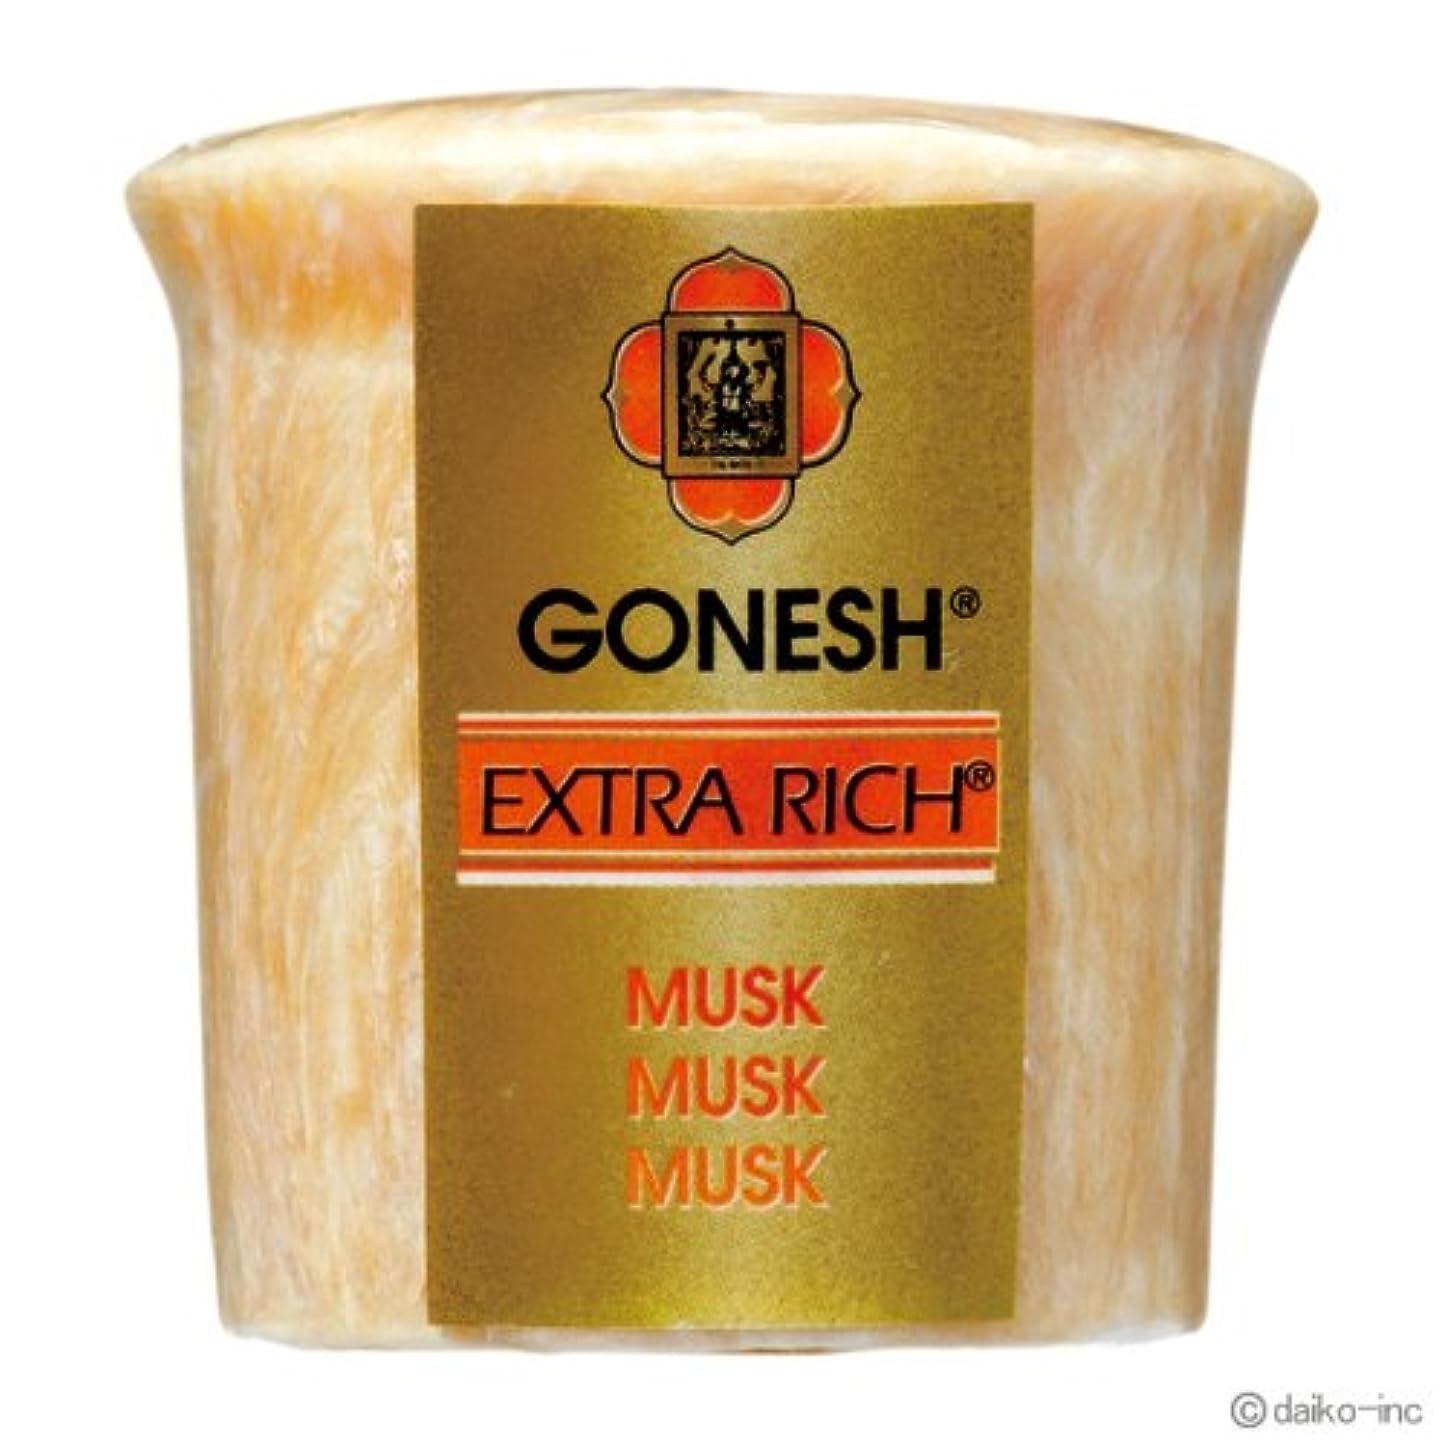 大量代わって証言ガーネッシュ GONESH エクストラリッチ ムスク アロマキャンドル 10個セット